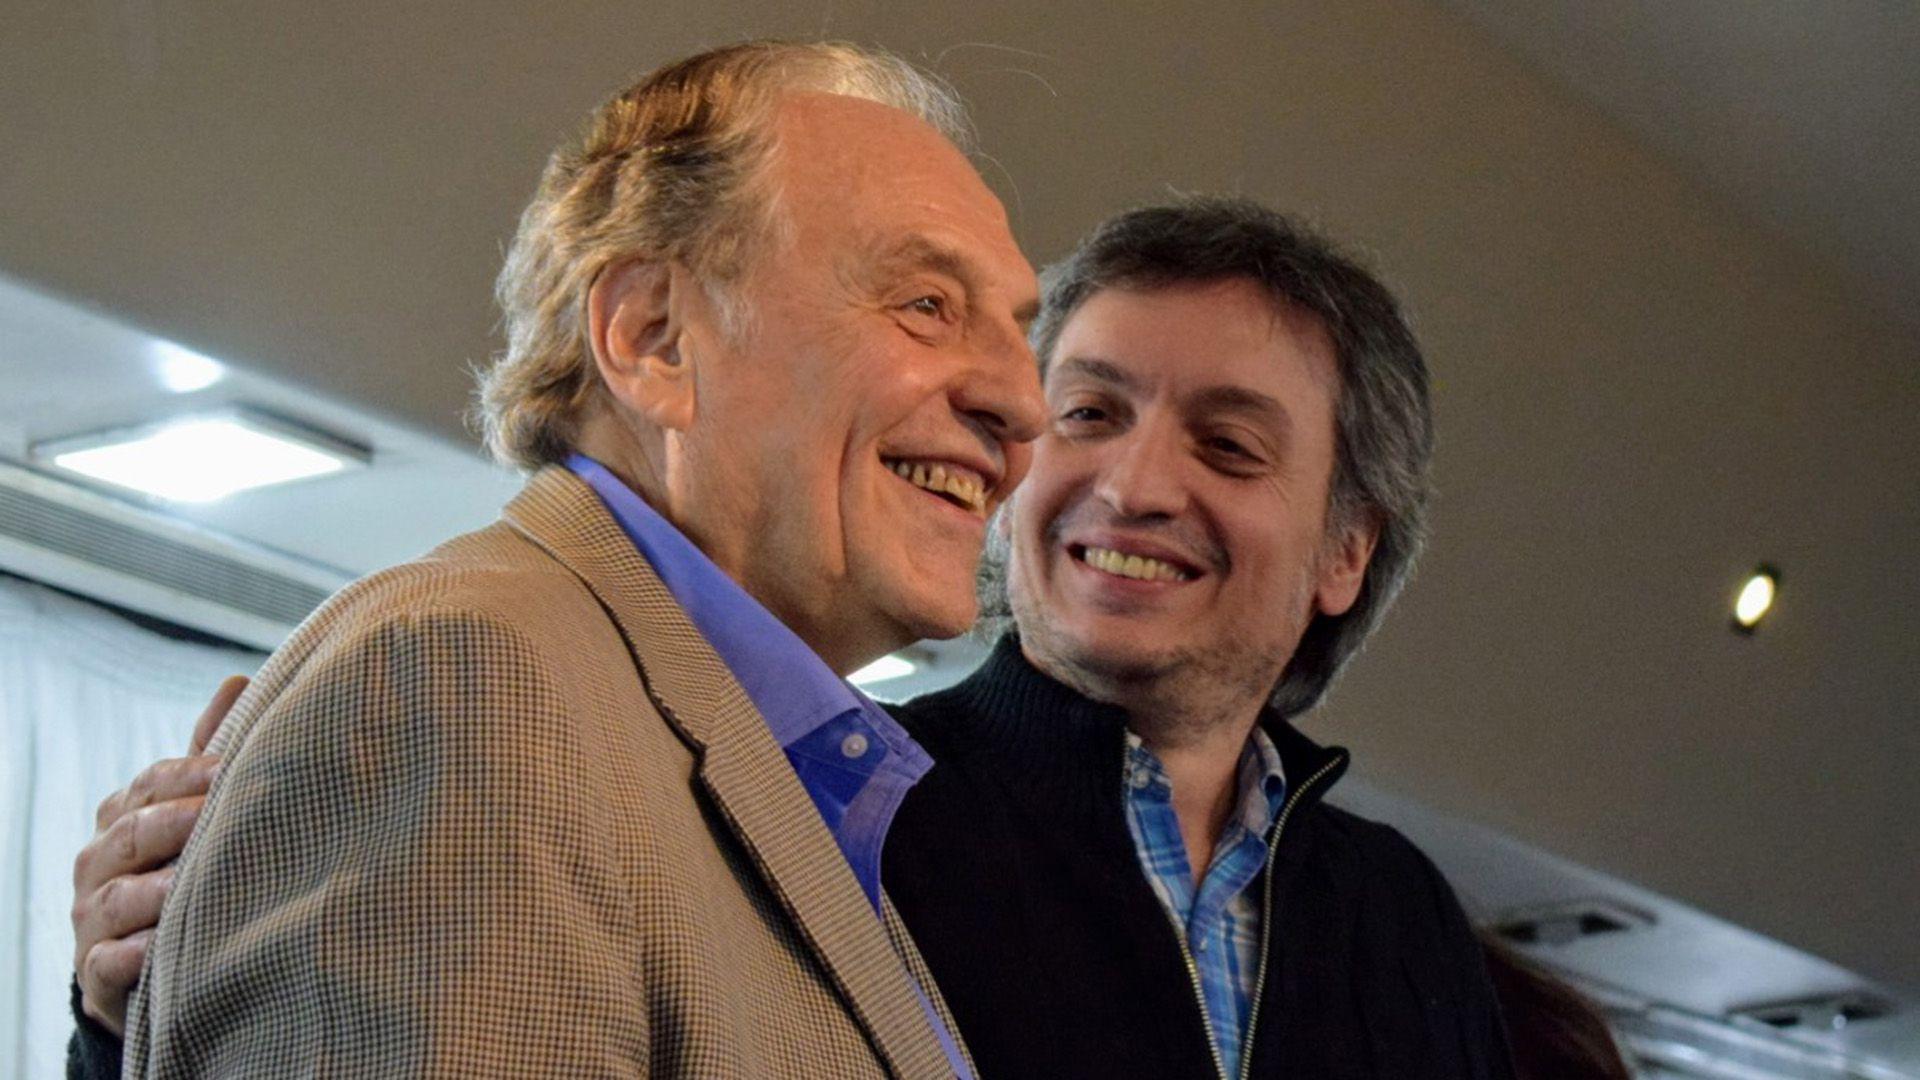 Los diputados del Frente de Todos, Carlos Heller y Máximo Kirchner, fueron los impulsores del impuesto a la riqueza